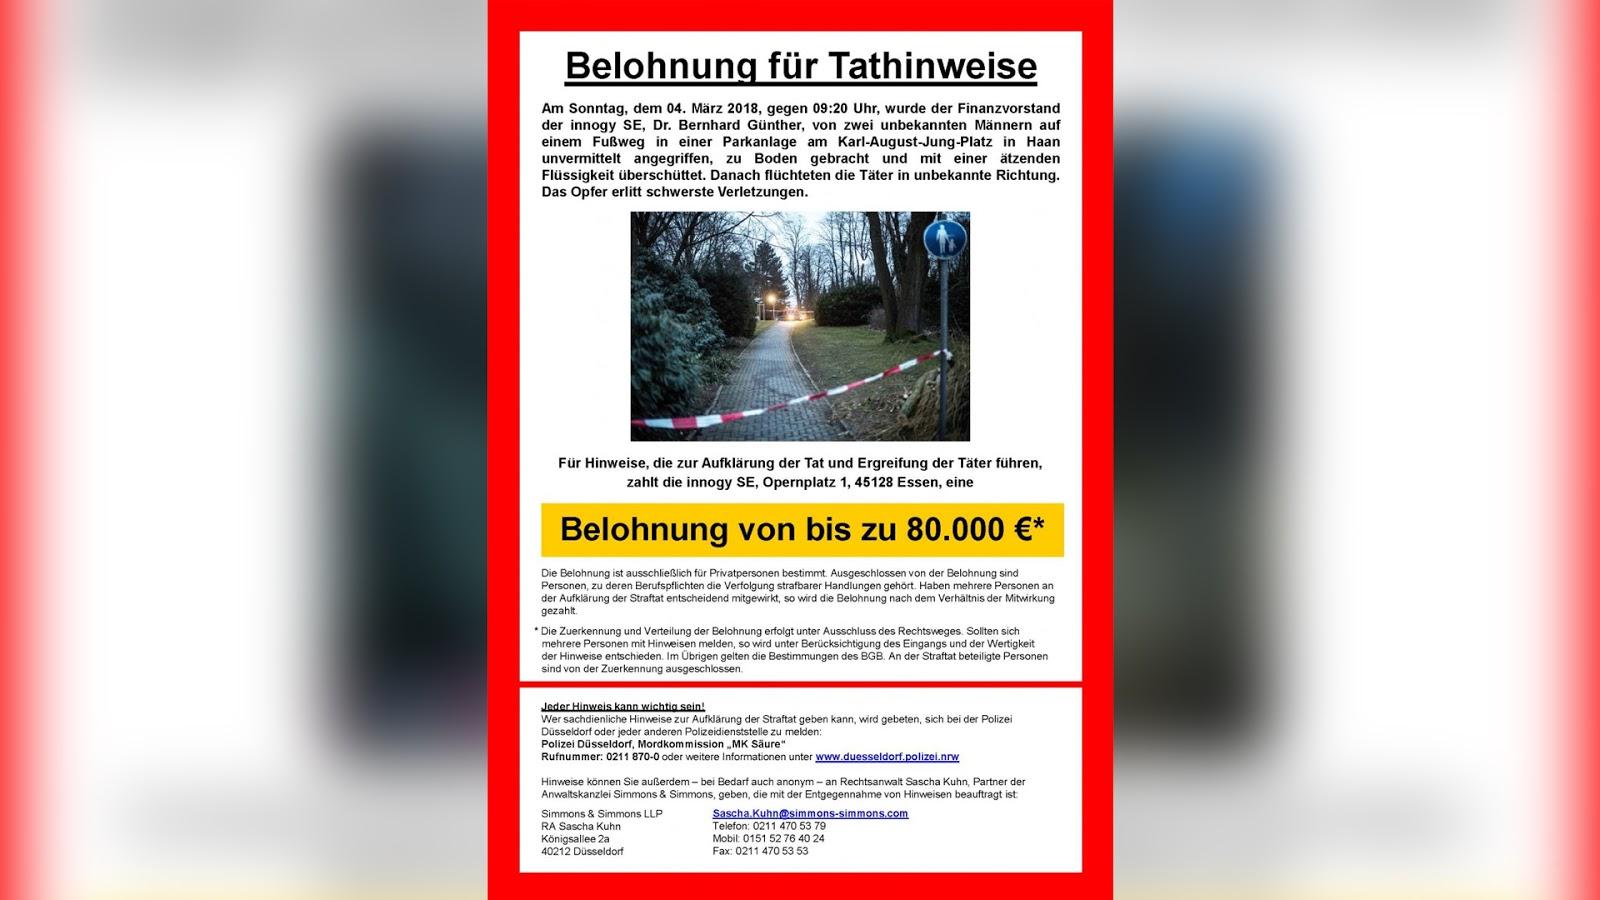 Säureanschlag auf Innogy-Manager Bernhard Günther: Unternehmen setzt 80.000 Euro Belohnung aus